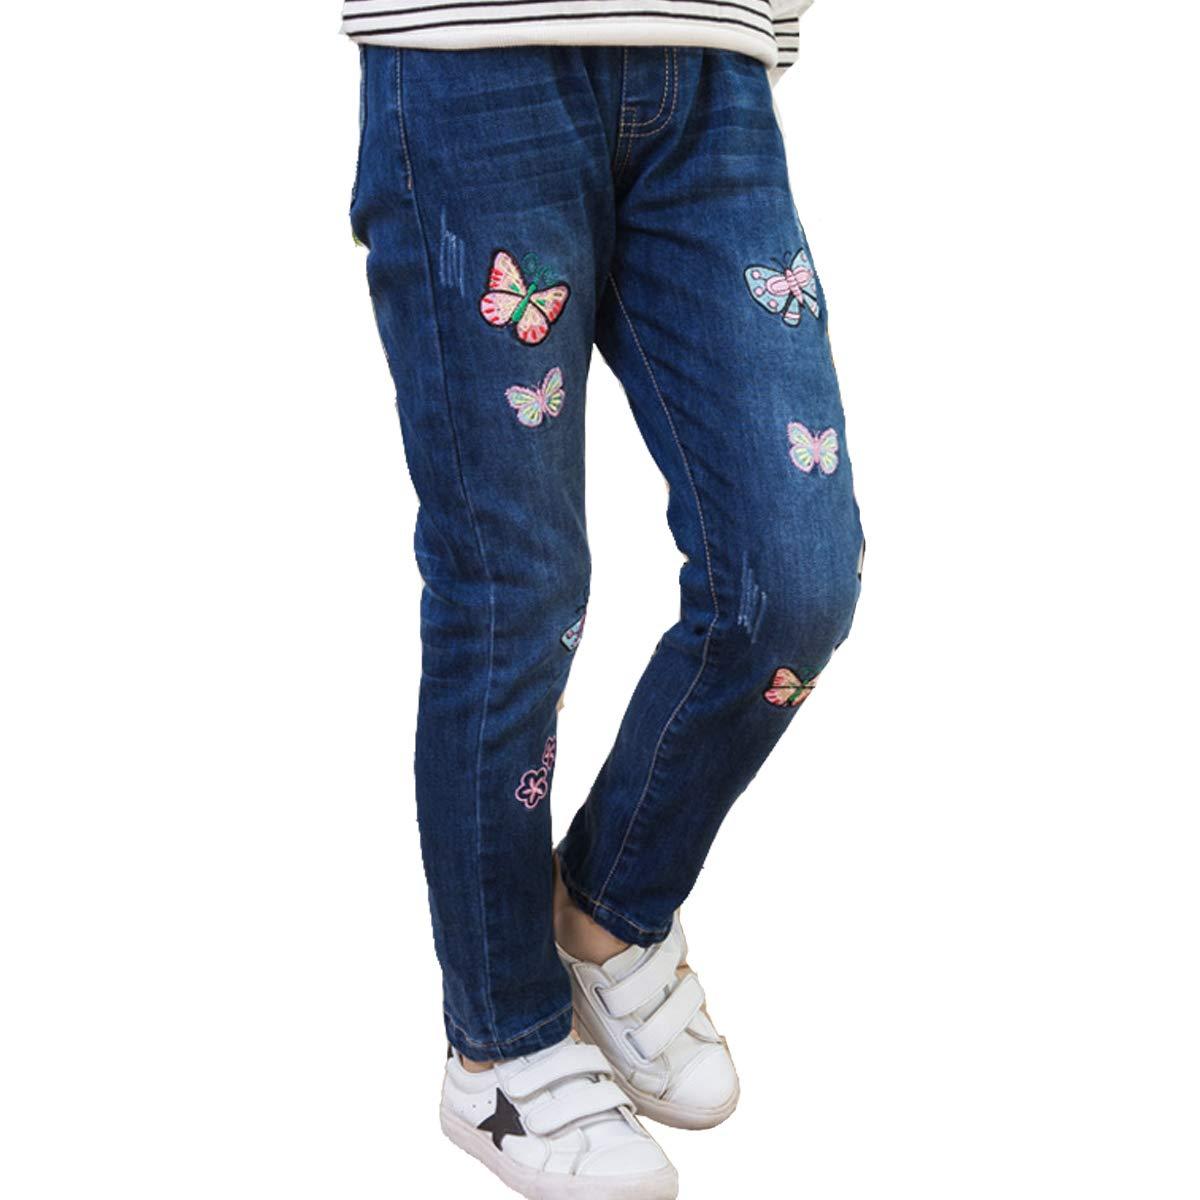 OnlyAngel Girls Denim Pants Butterfly Printed Slim Elastic Waist Jeans Age 4-12